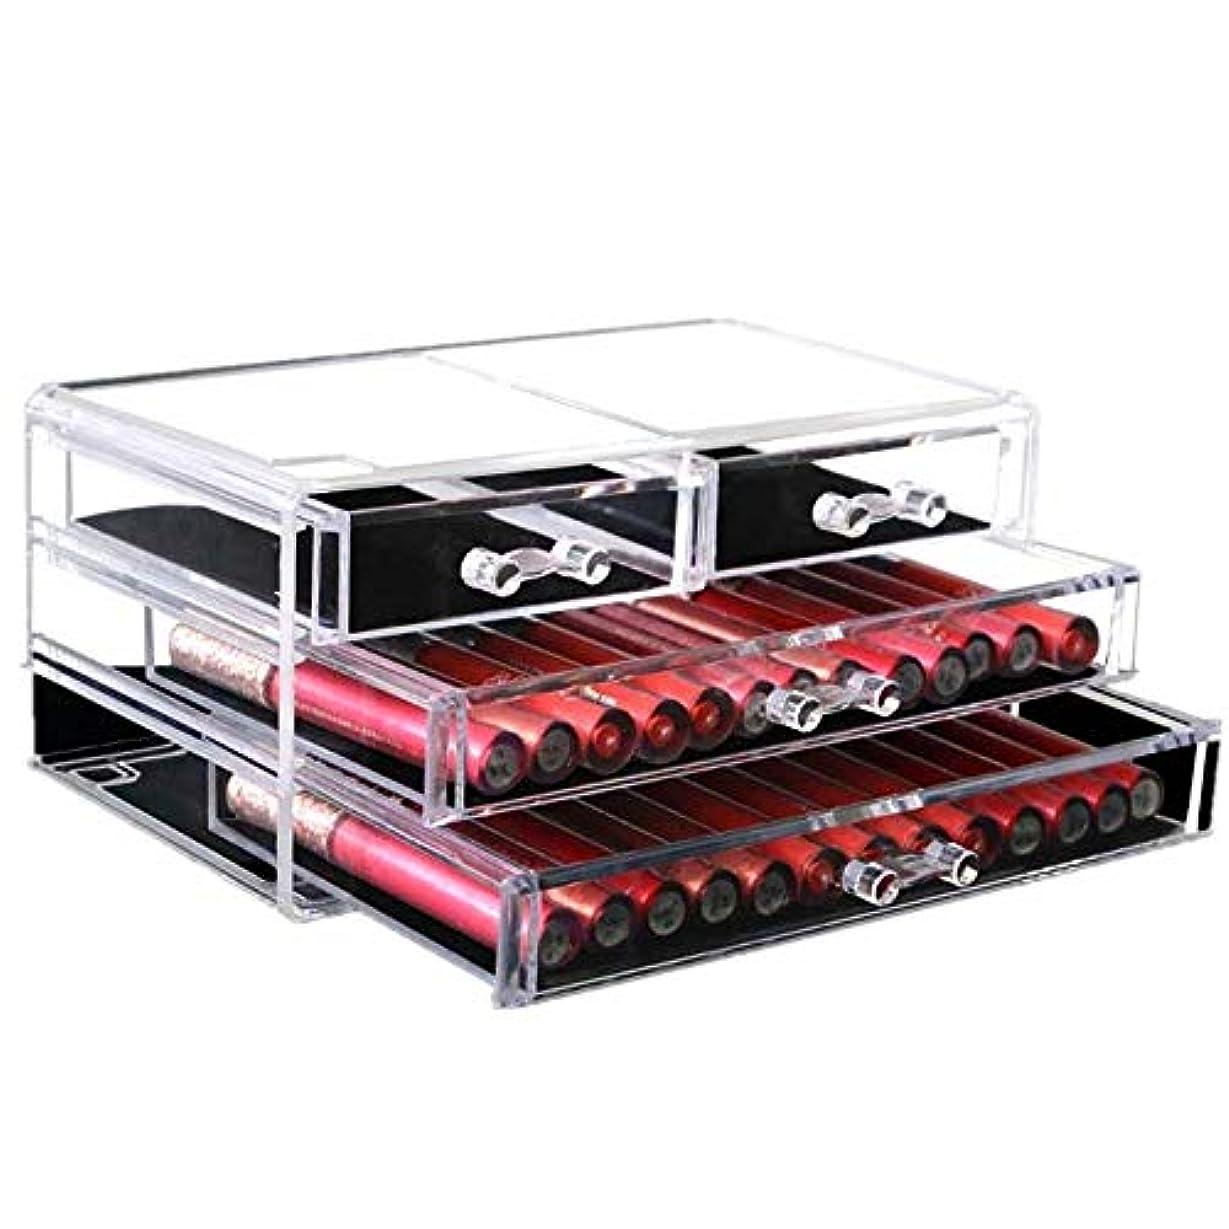 スポーツをする保険をかける構想する整理簡単 引出しの構造の宝石類のディスプレイ?ボックスが付いている簡単で明確なアクリルの化粧品のオルガナイザー (Color : Clear, Size : 24*13.5*11CM)